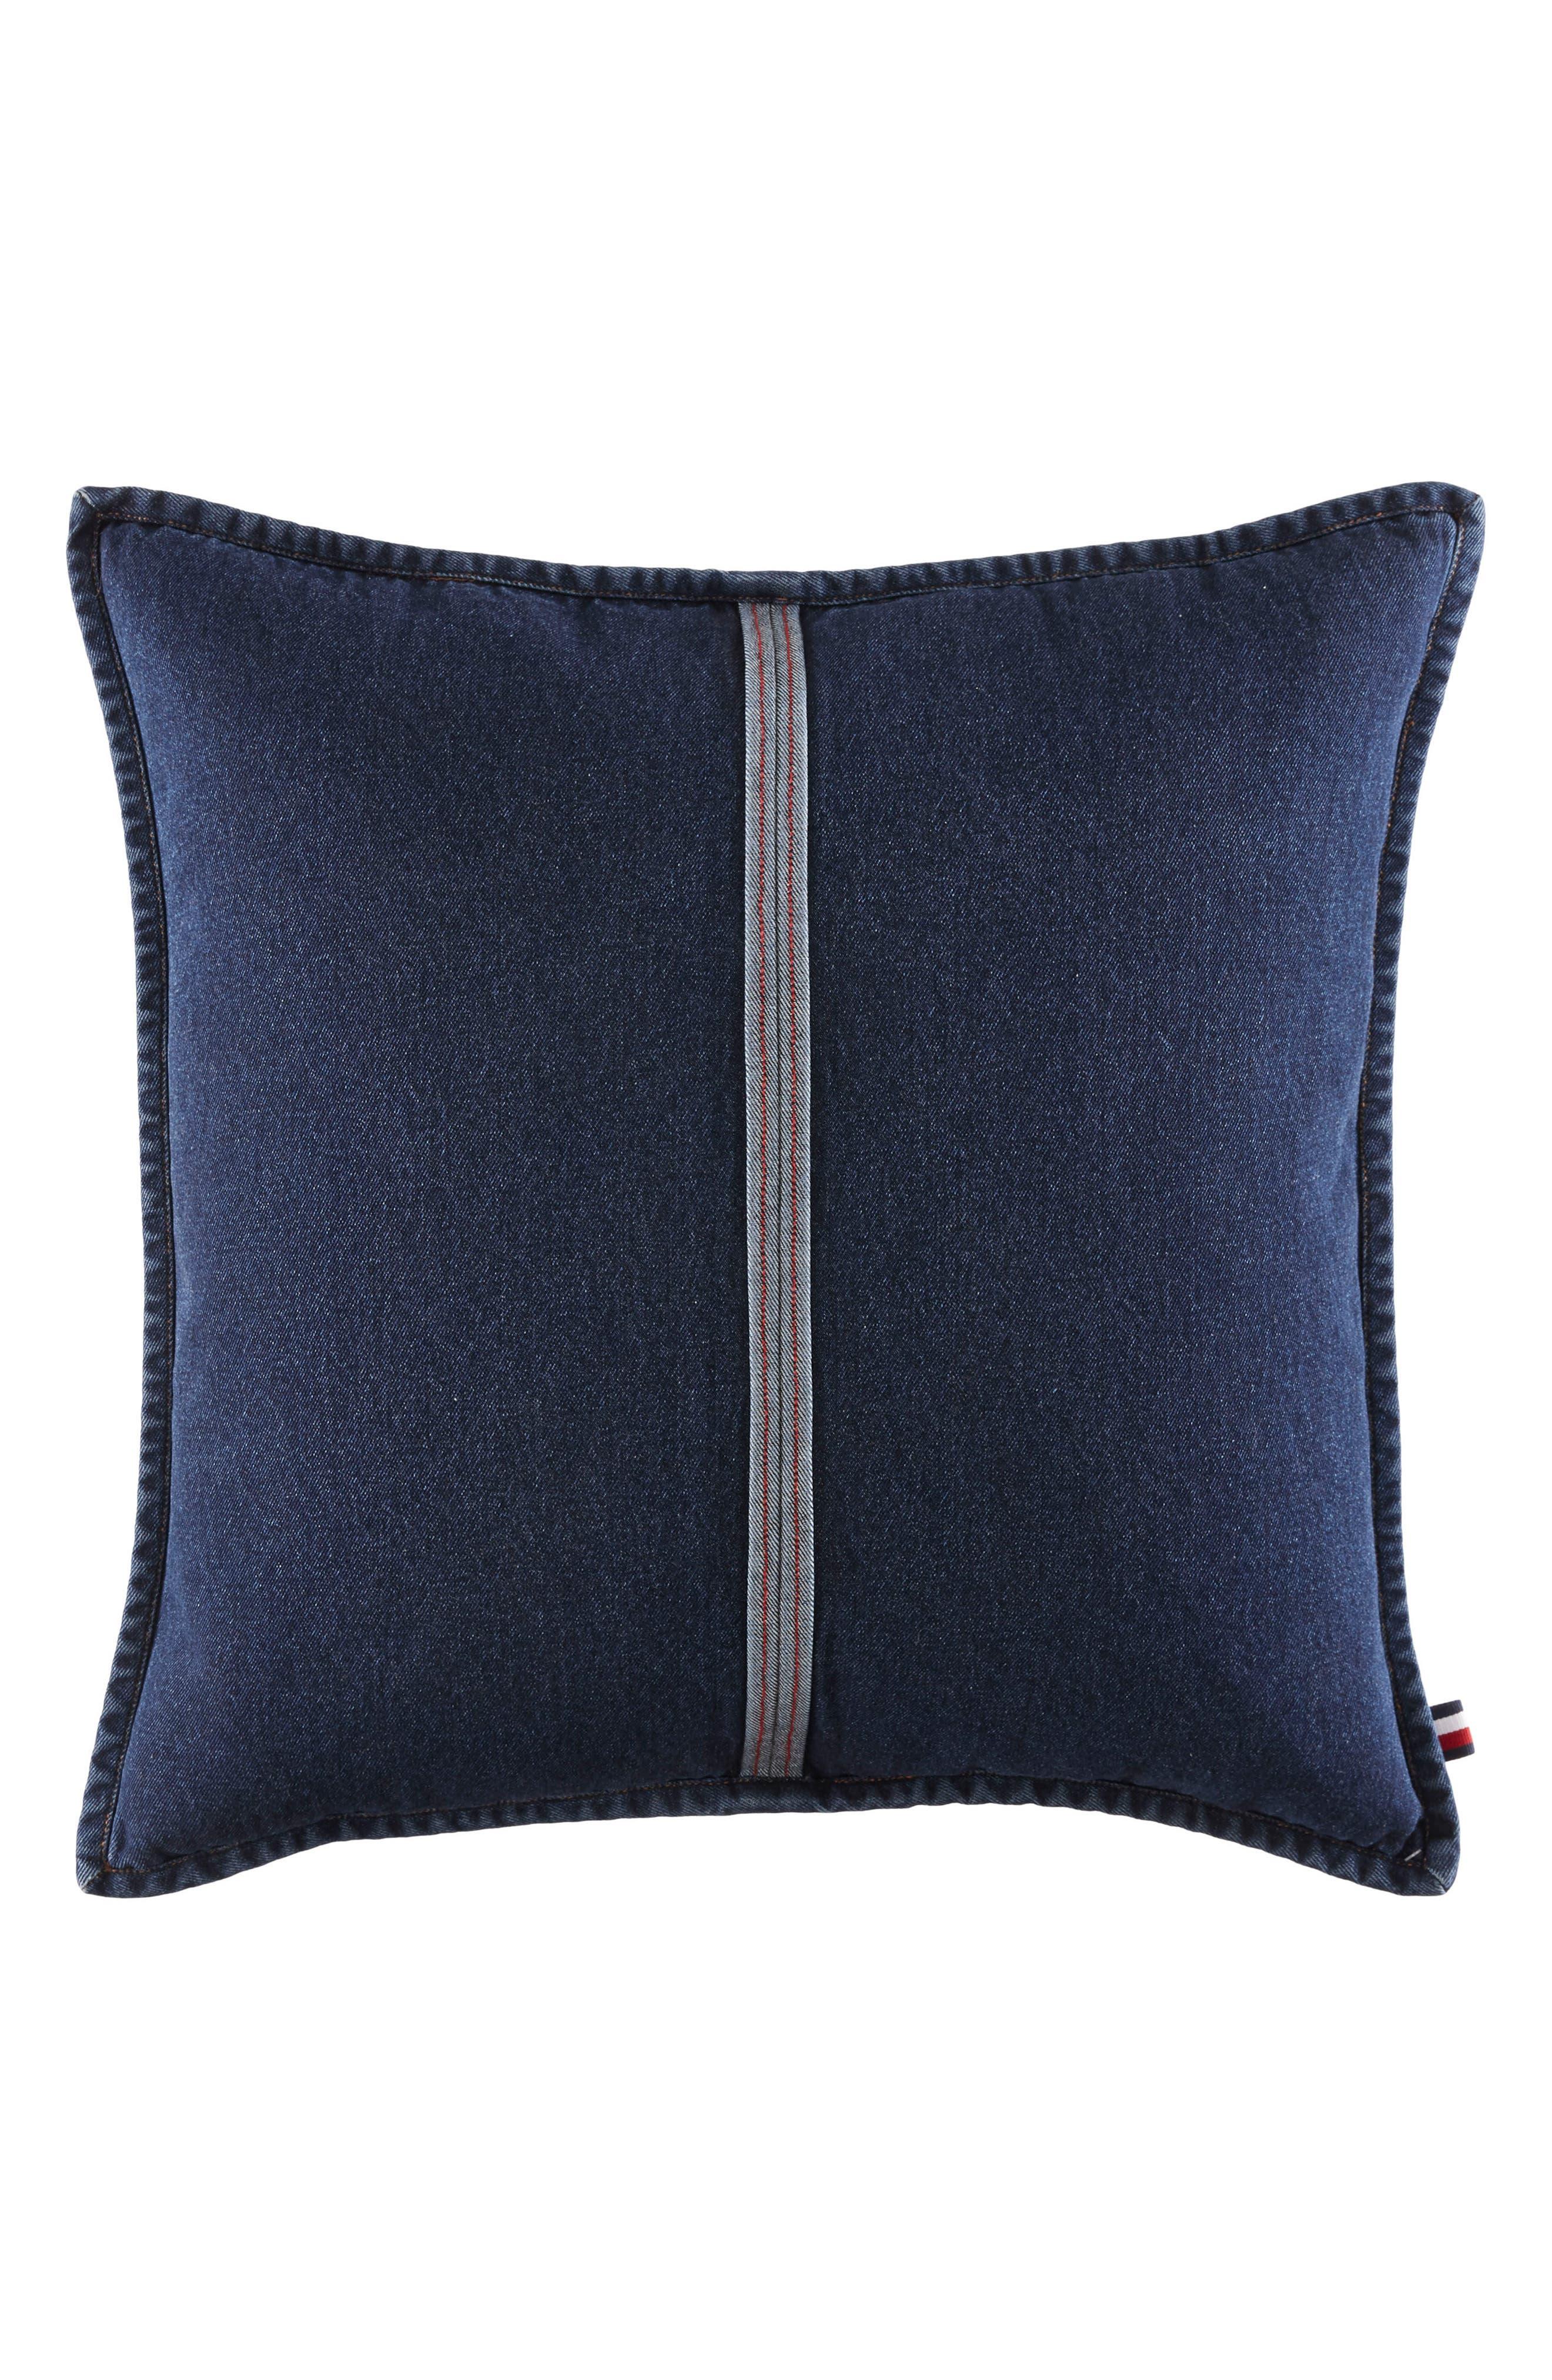 Selvage Stripe Denim Accent Pillow,                             Main thumbnail 1, color,                             410